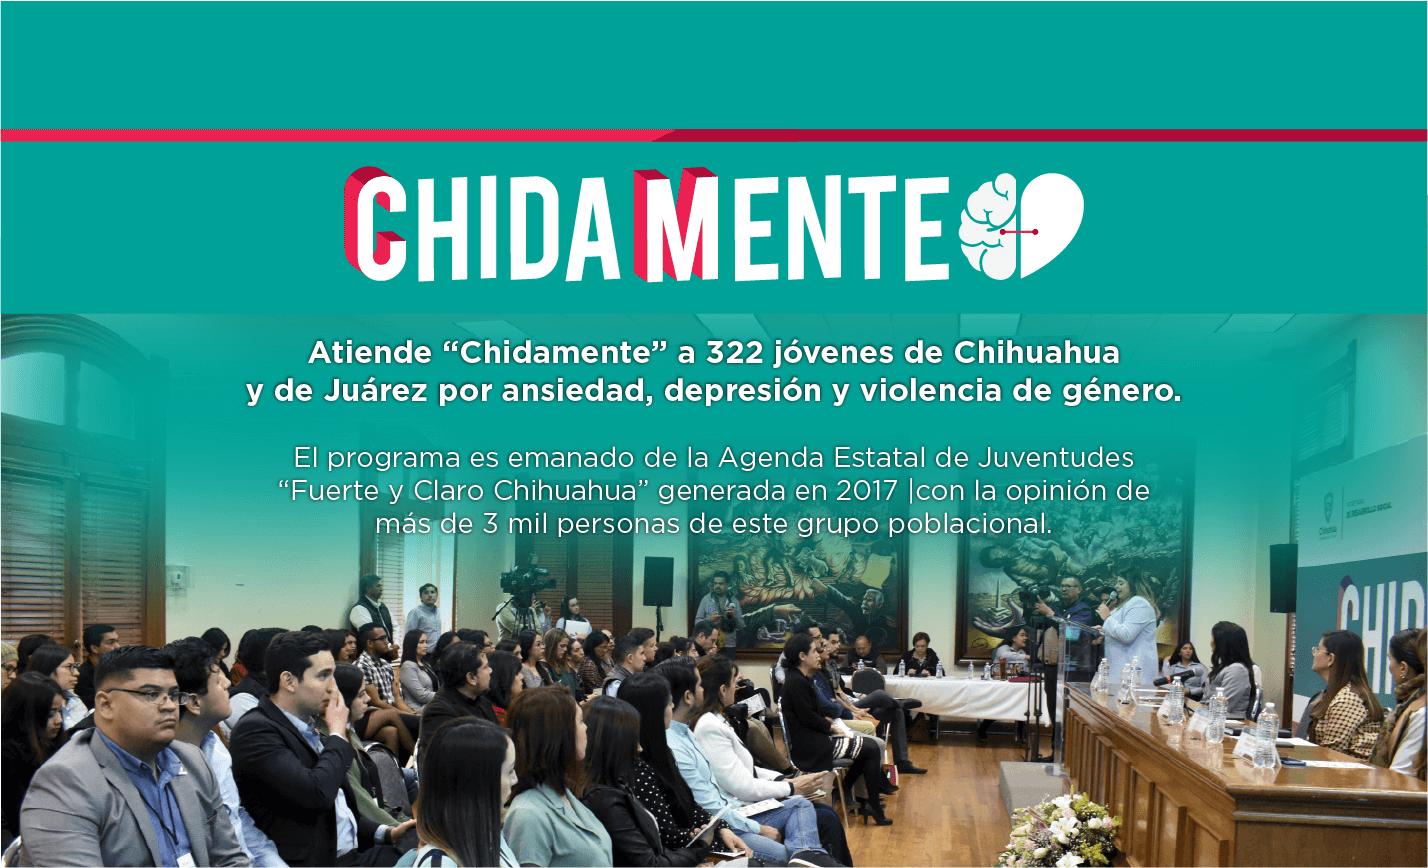 """Atiende """"Chidamente"""" a 322 jóvenes de Chihuahua y de Juárez por ansiedad, depresión y violencia de género"""